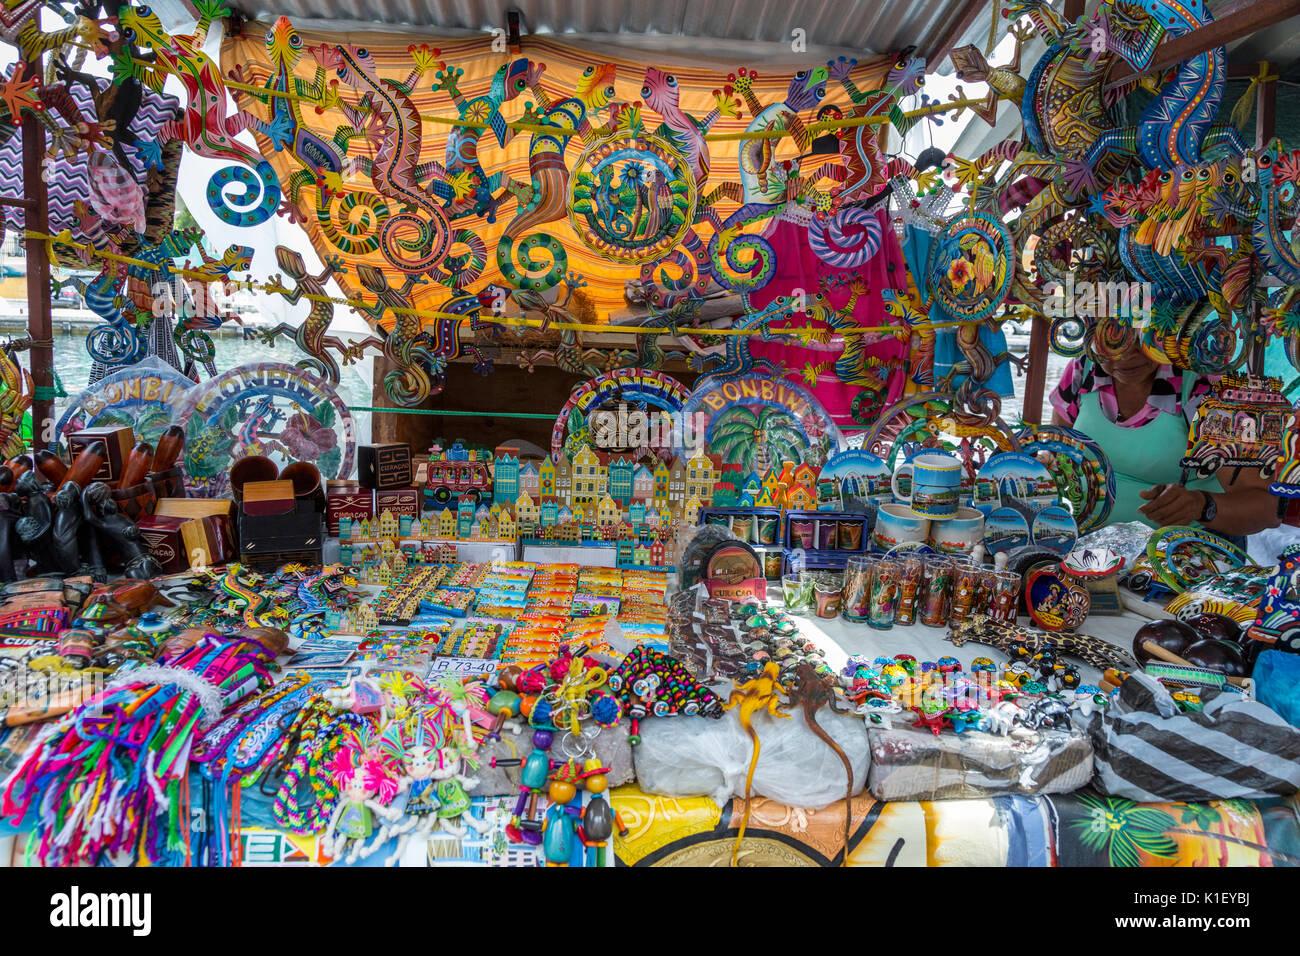 Willemstad, Curaçao, Petites Antilles. Stand de souvenirs dans le marché. Banque D'Images